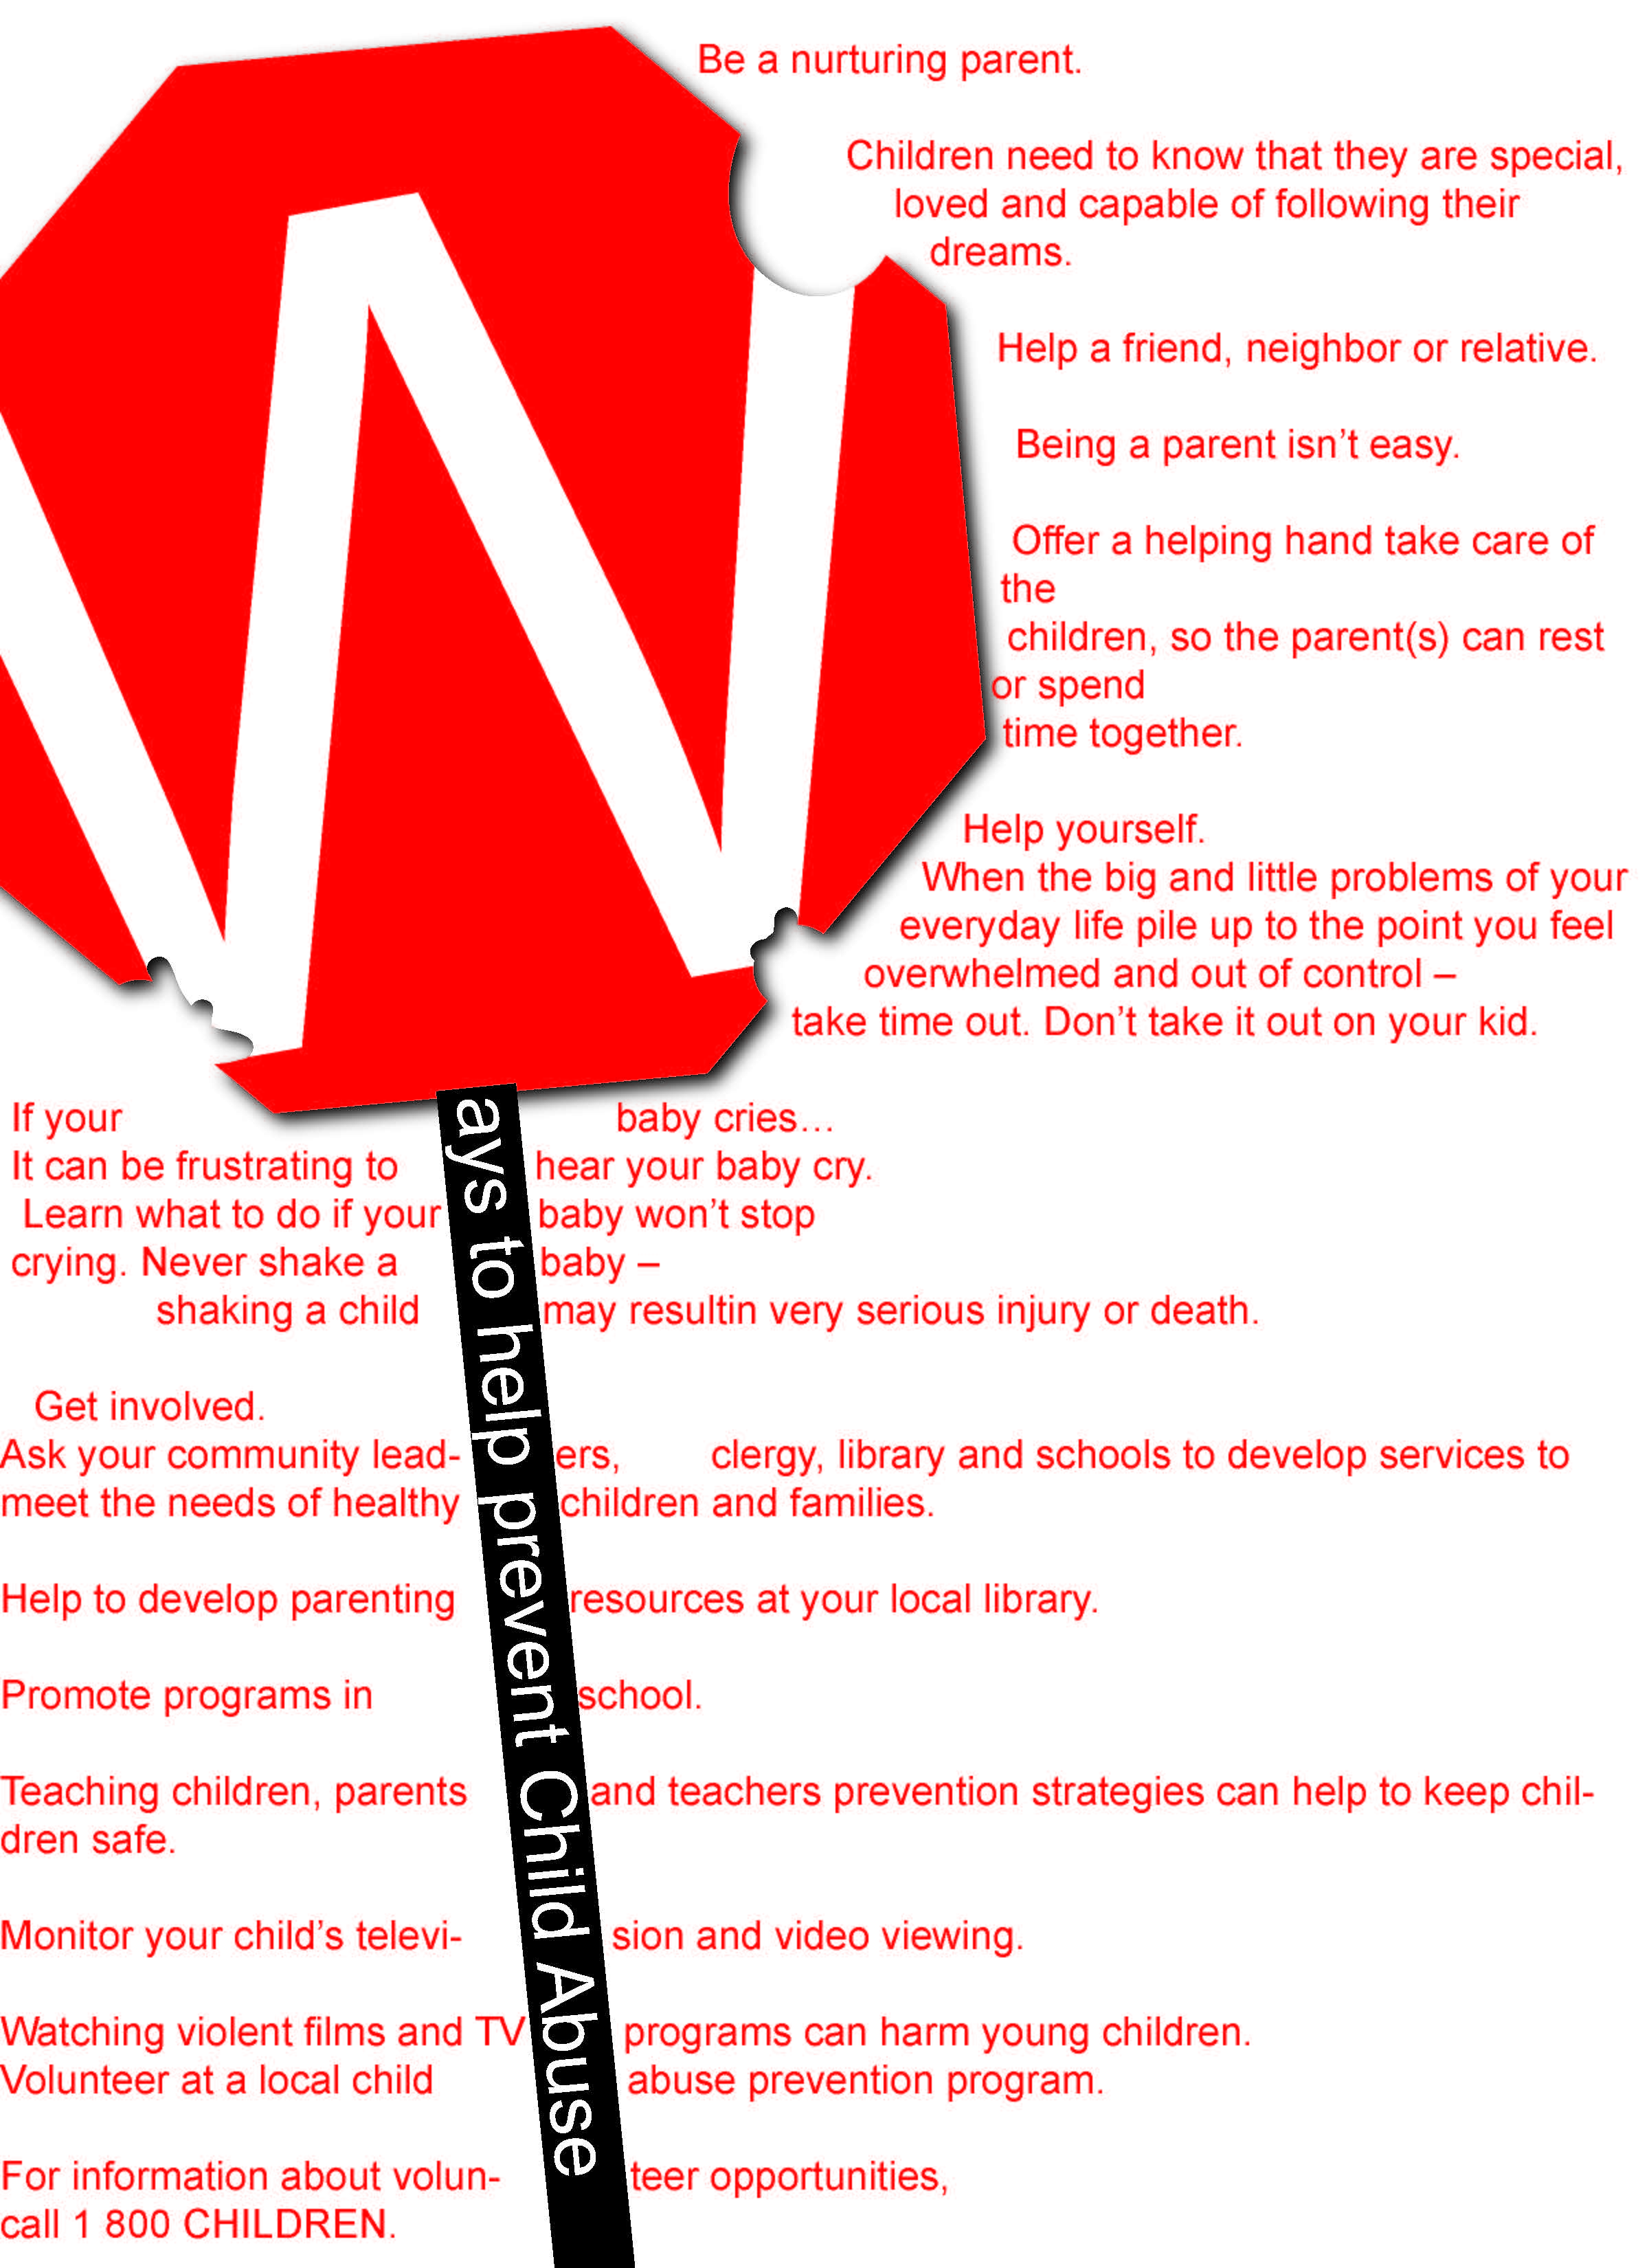 Watson_Nikki_Wk3_A1_Final.jpg